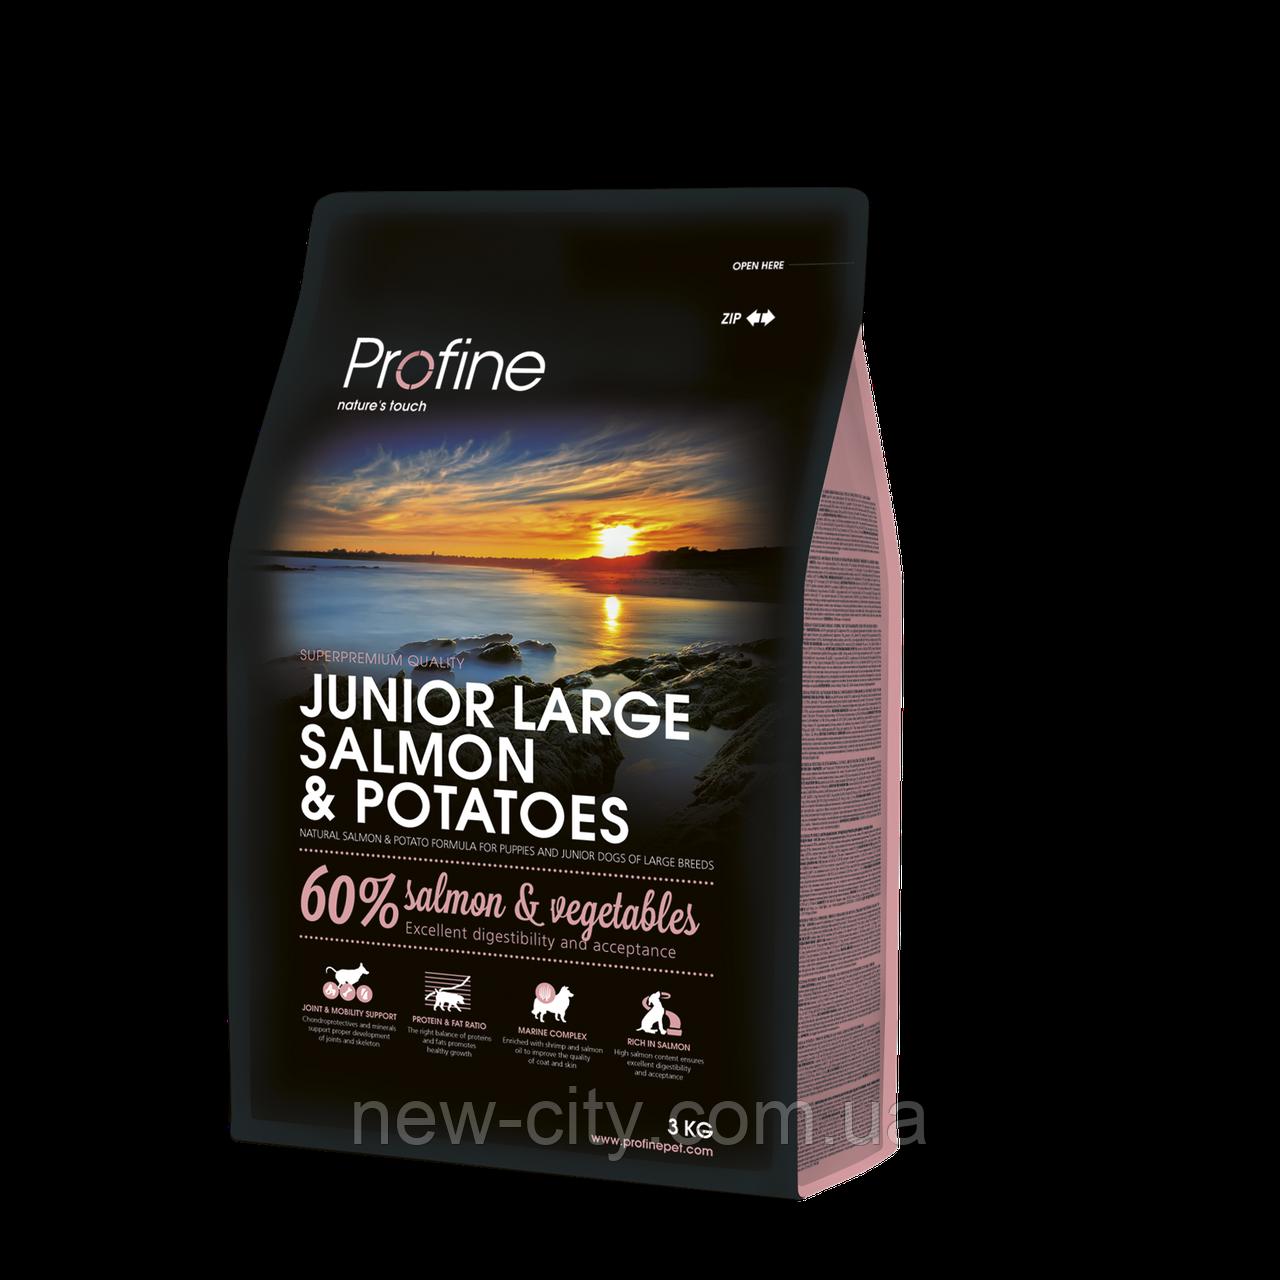 Profine JUNIOR LARGE SALMON & POTATOES 15kg Лосось и картофель для молодых собак больших пород